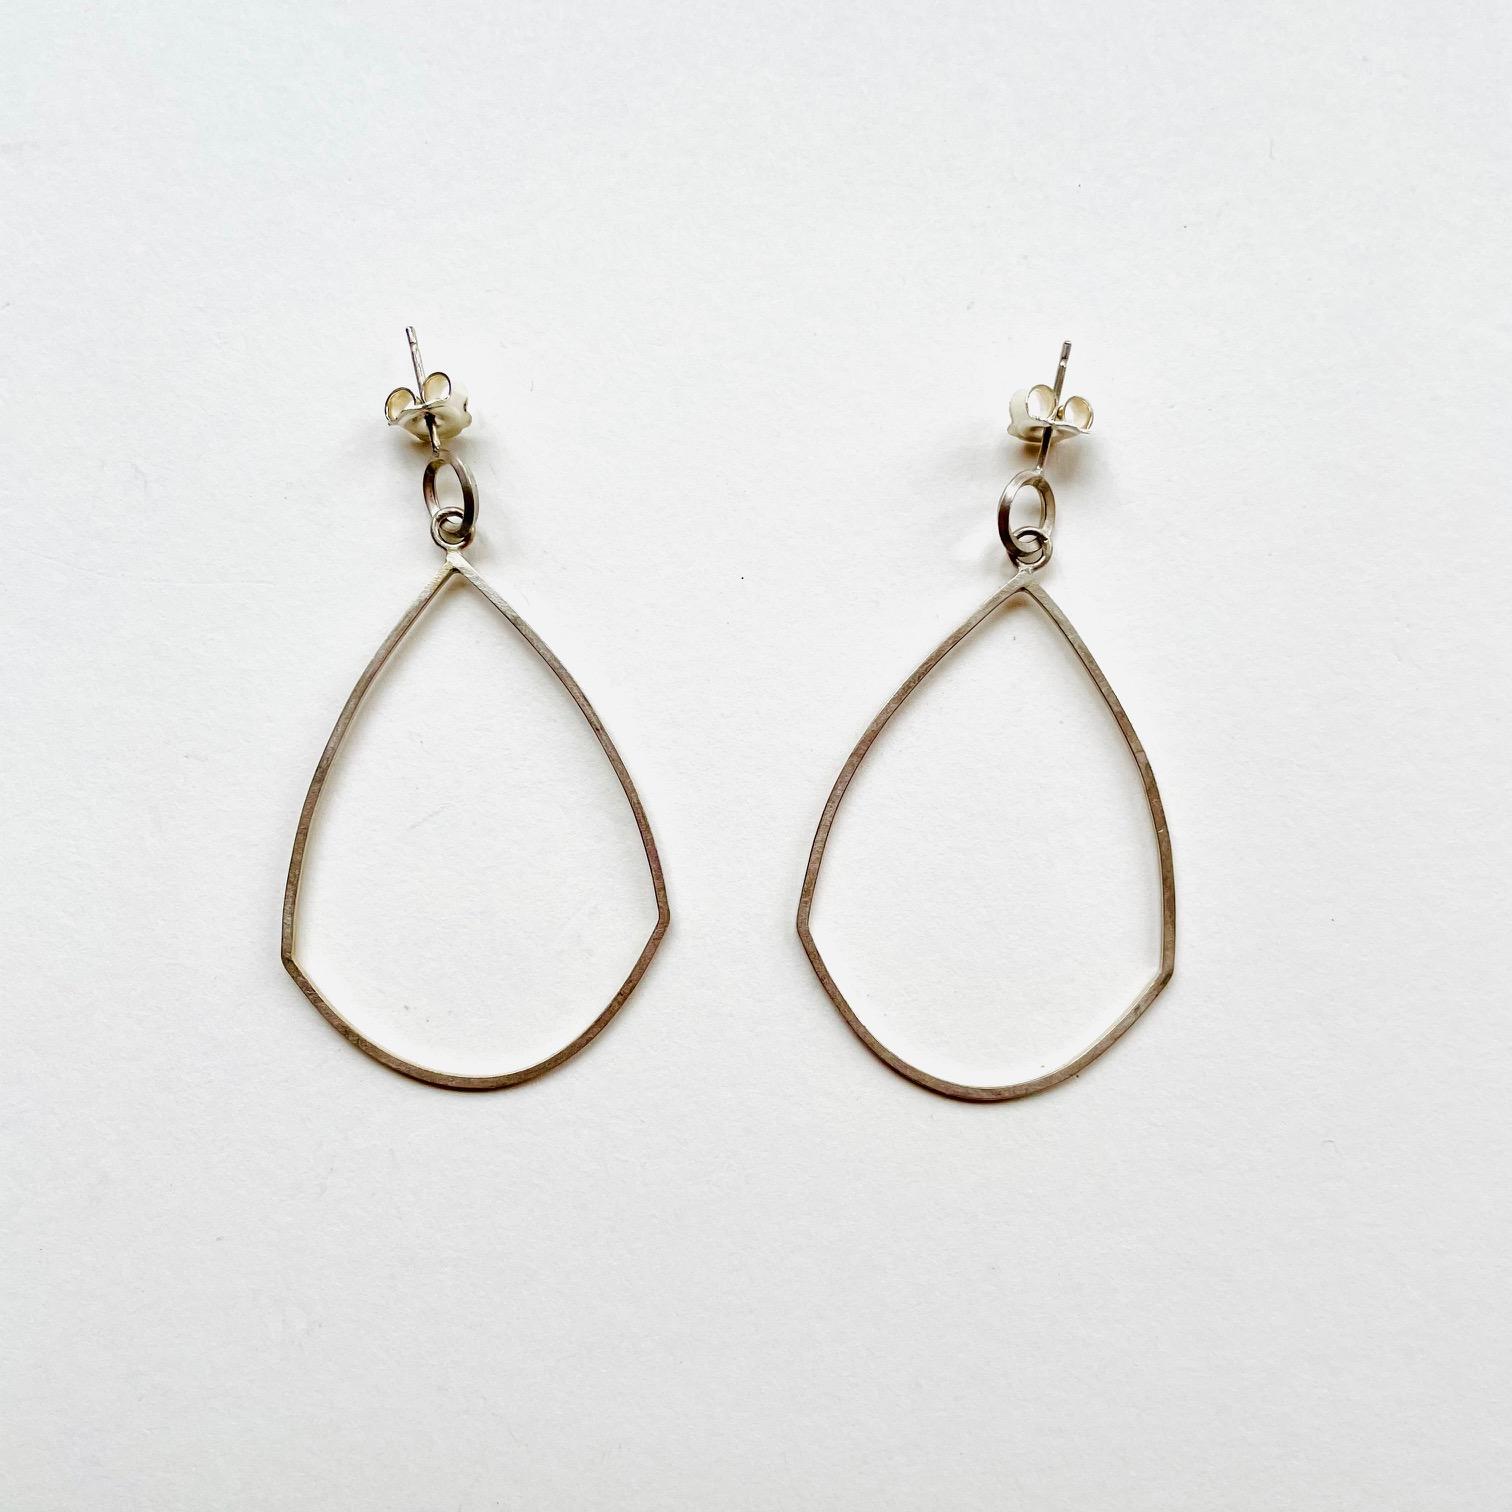 Silver Pear Drop Earrings by Pauline Edie